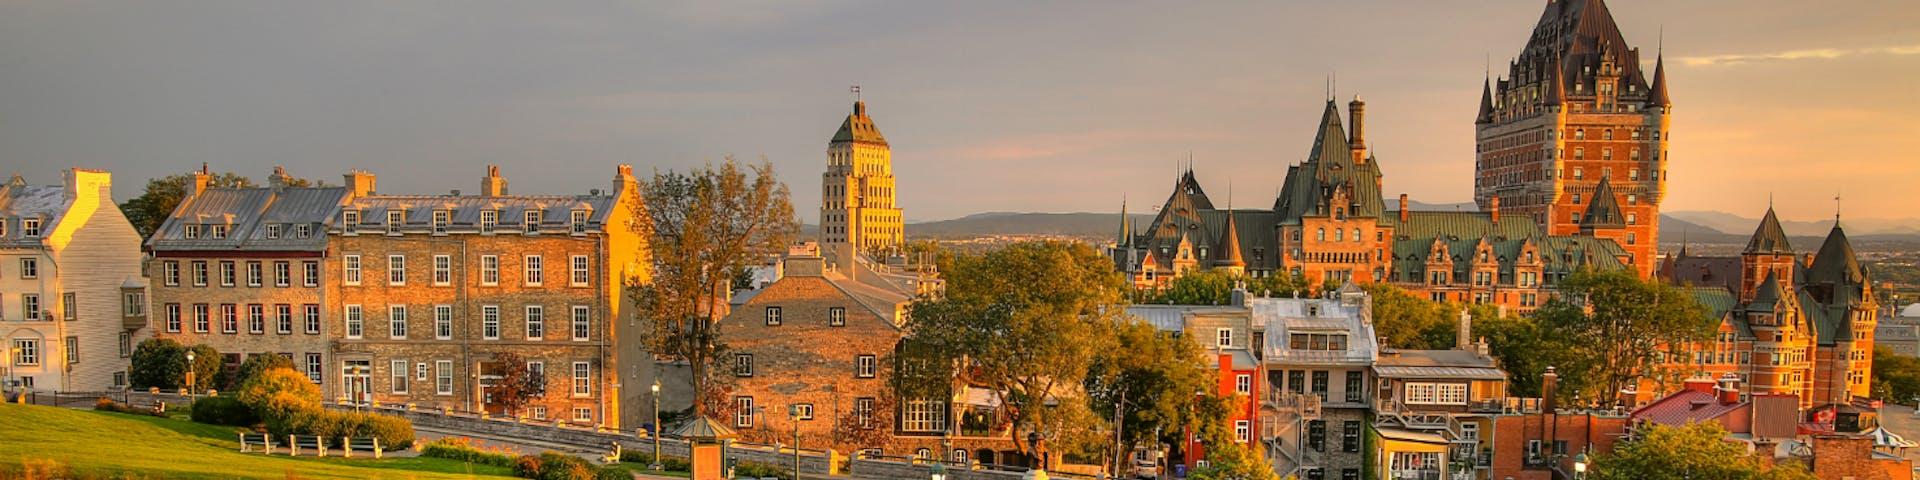 PhD Programmes in Québec - Canada - PhDPortal com